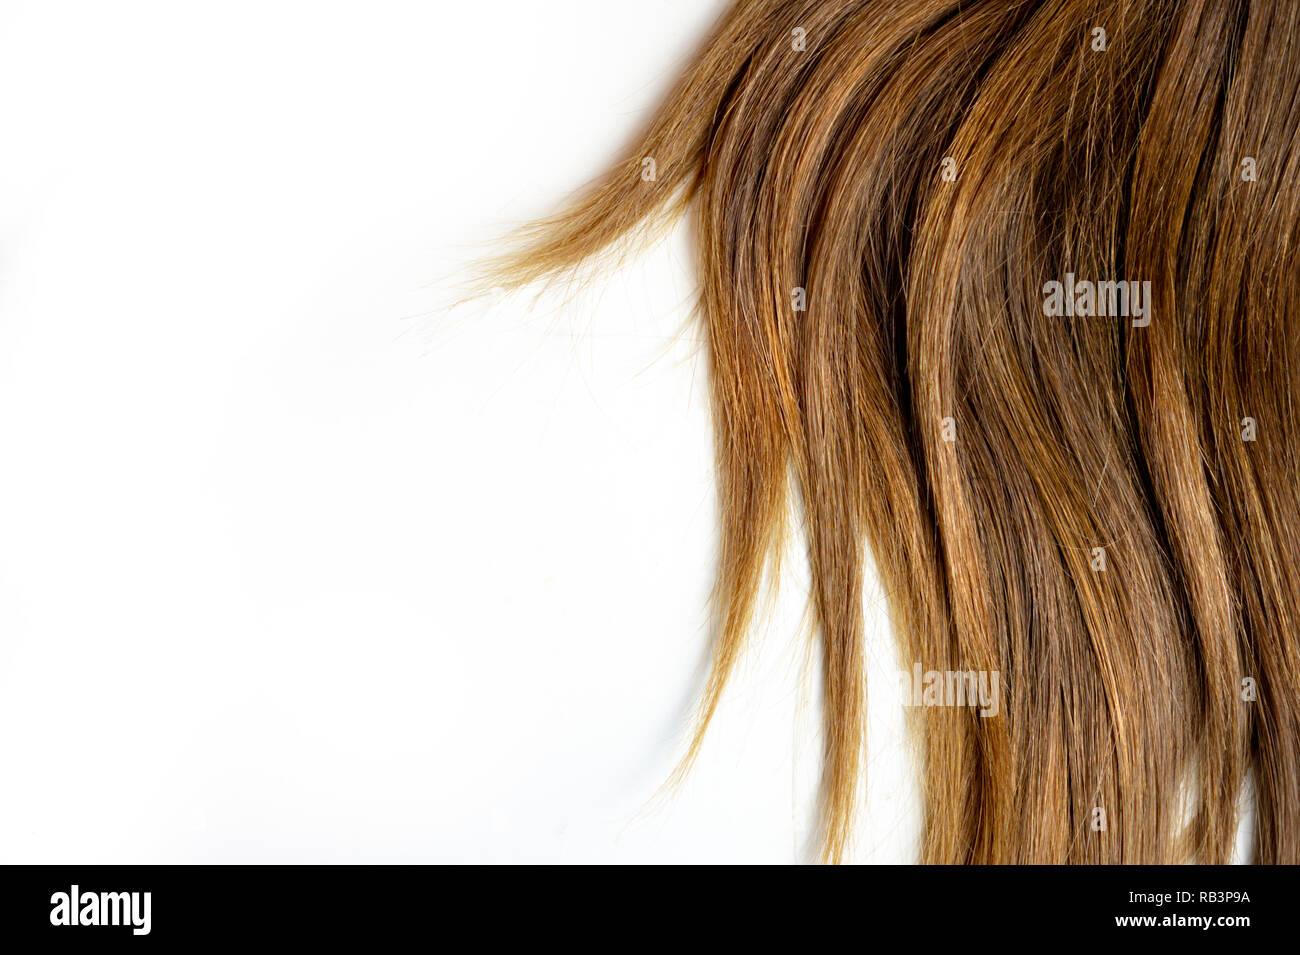 Lange Braune Glatte Haare Auf Weißem Hintergrund Isoliert